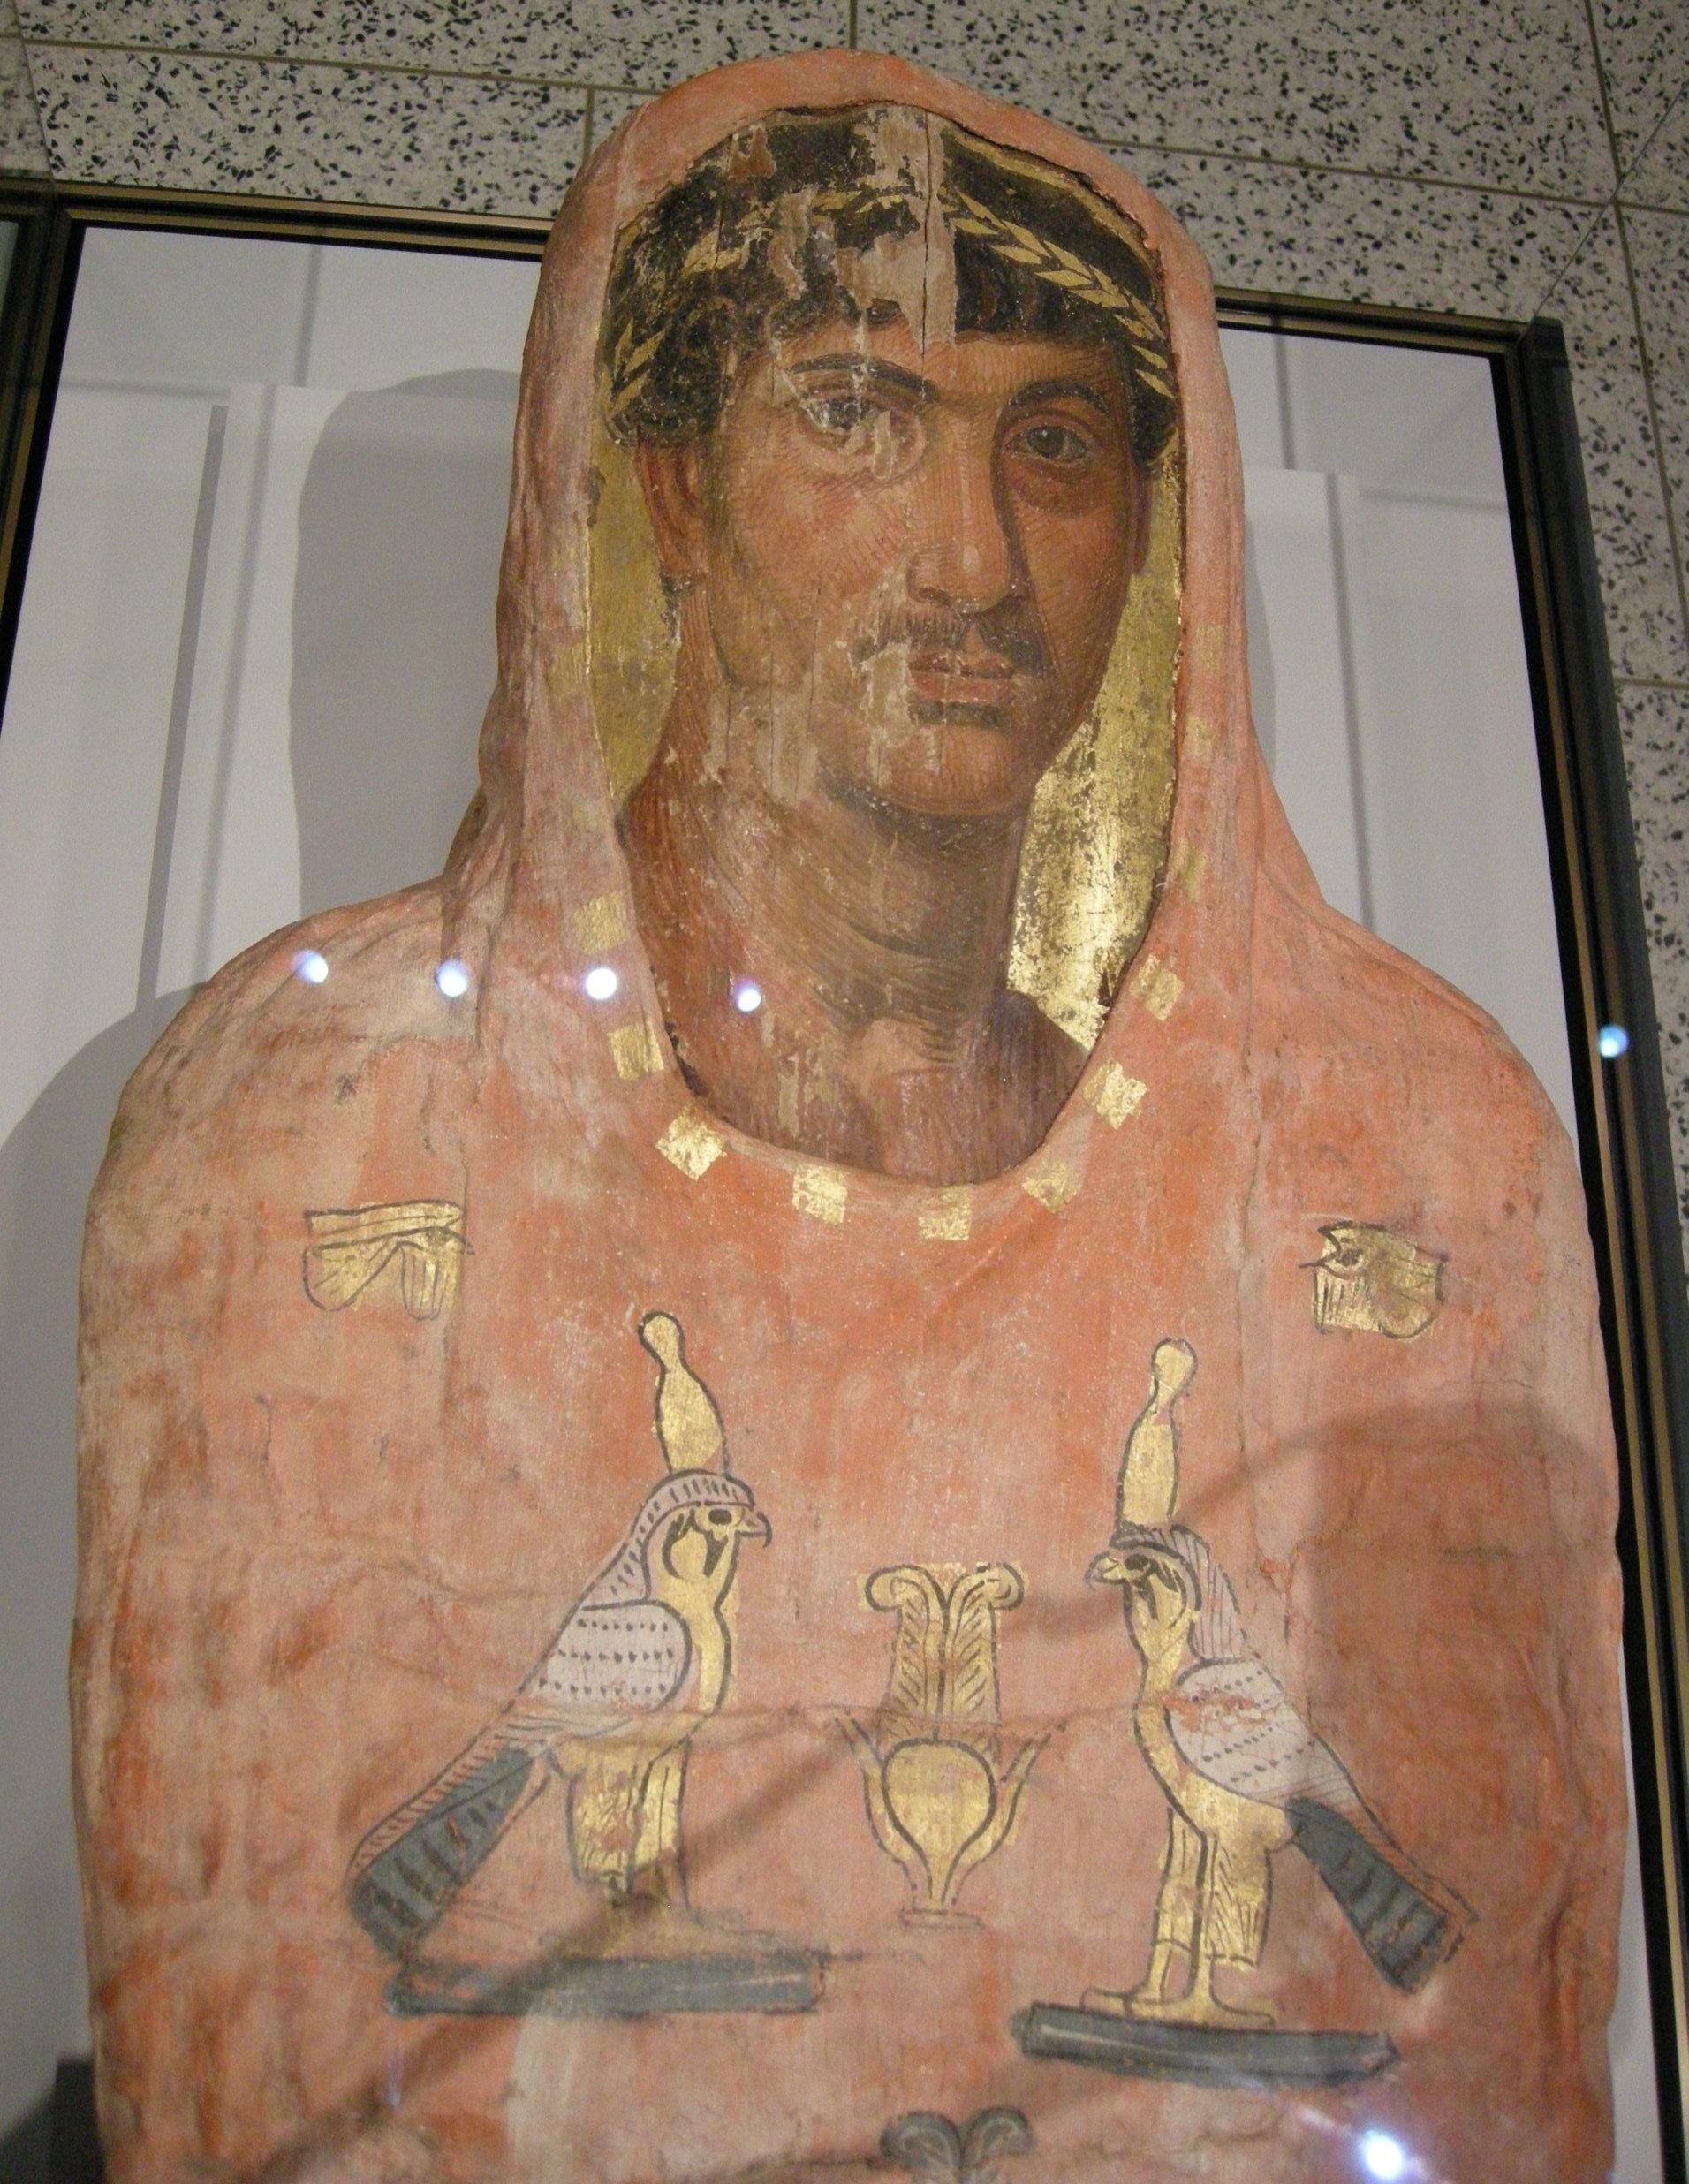 File:Arte romano-egizia, mummia di herakleides, 50-100, 02 ...